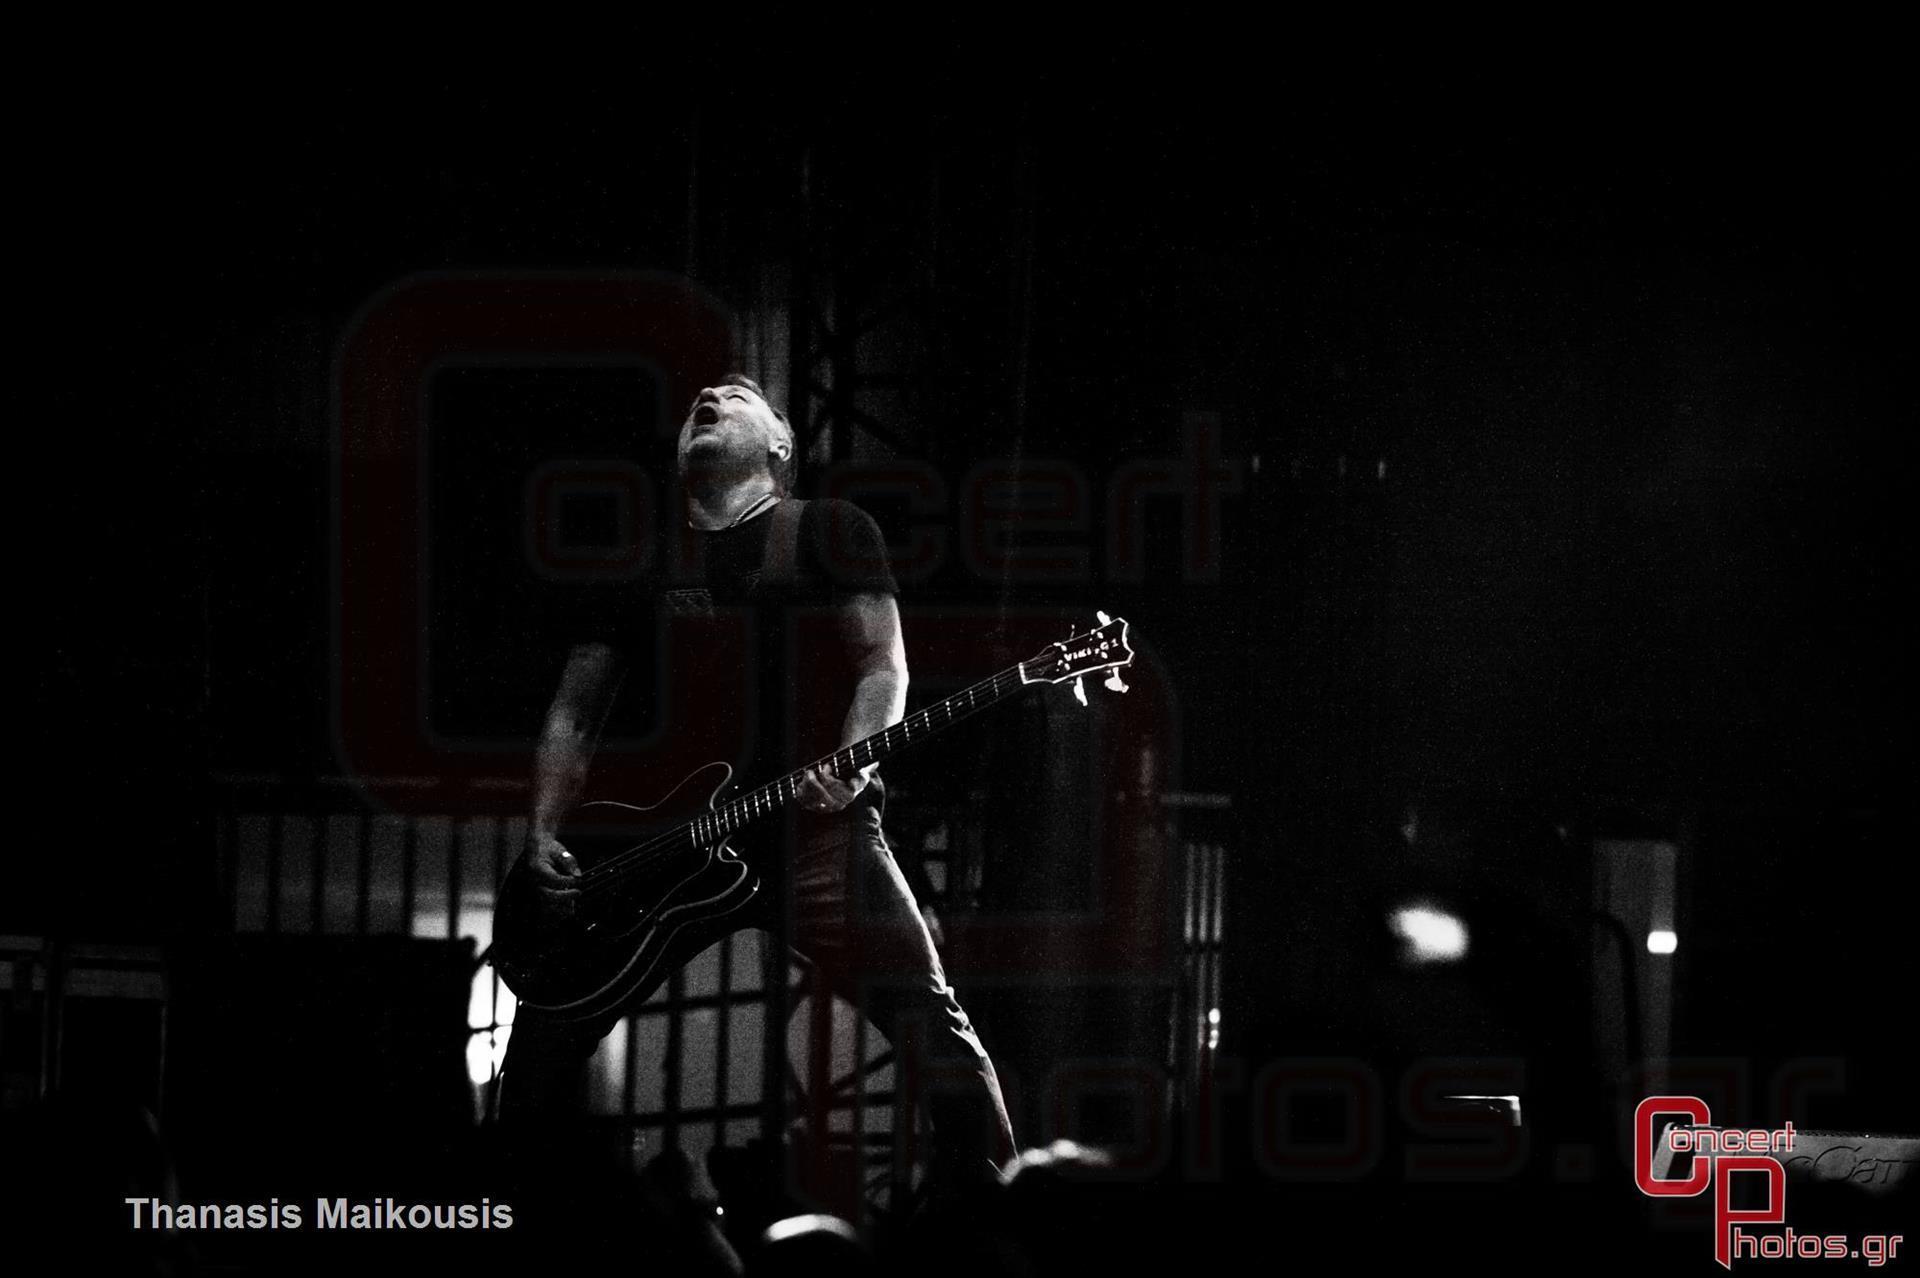 Peter Hook & The Light - photographer: Thanasis Maikousis - concertphotos_-9503